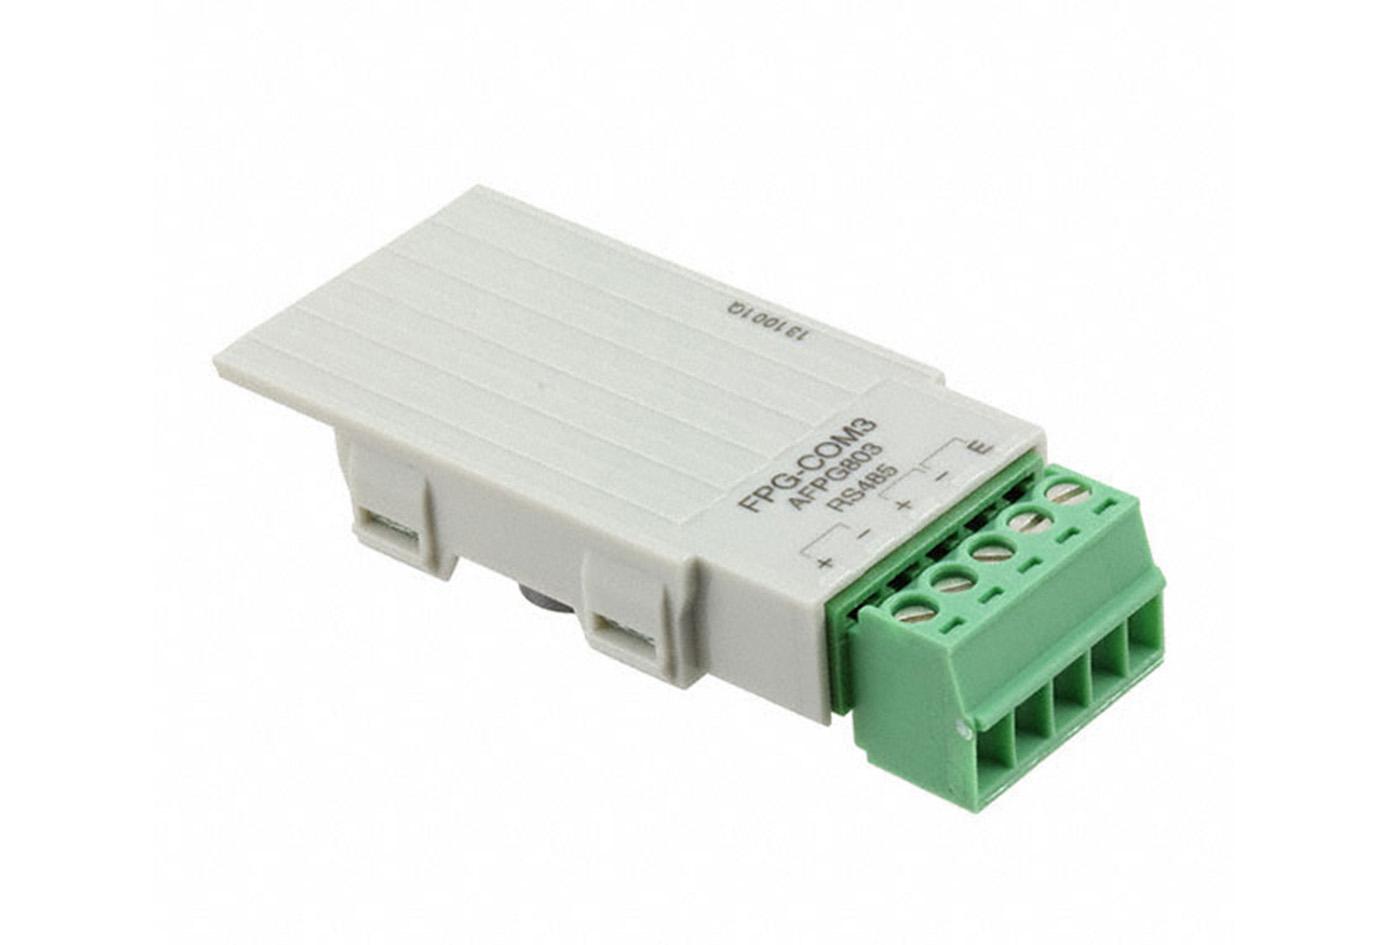 Cassette FP Sigma Casette de comunicación RS485